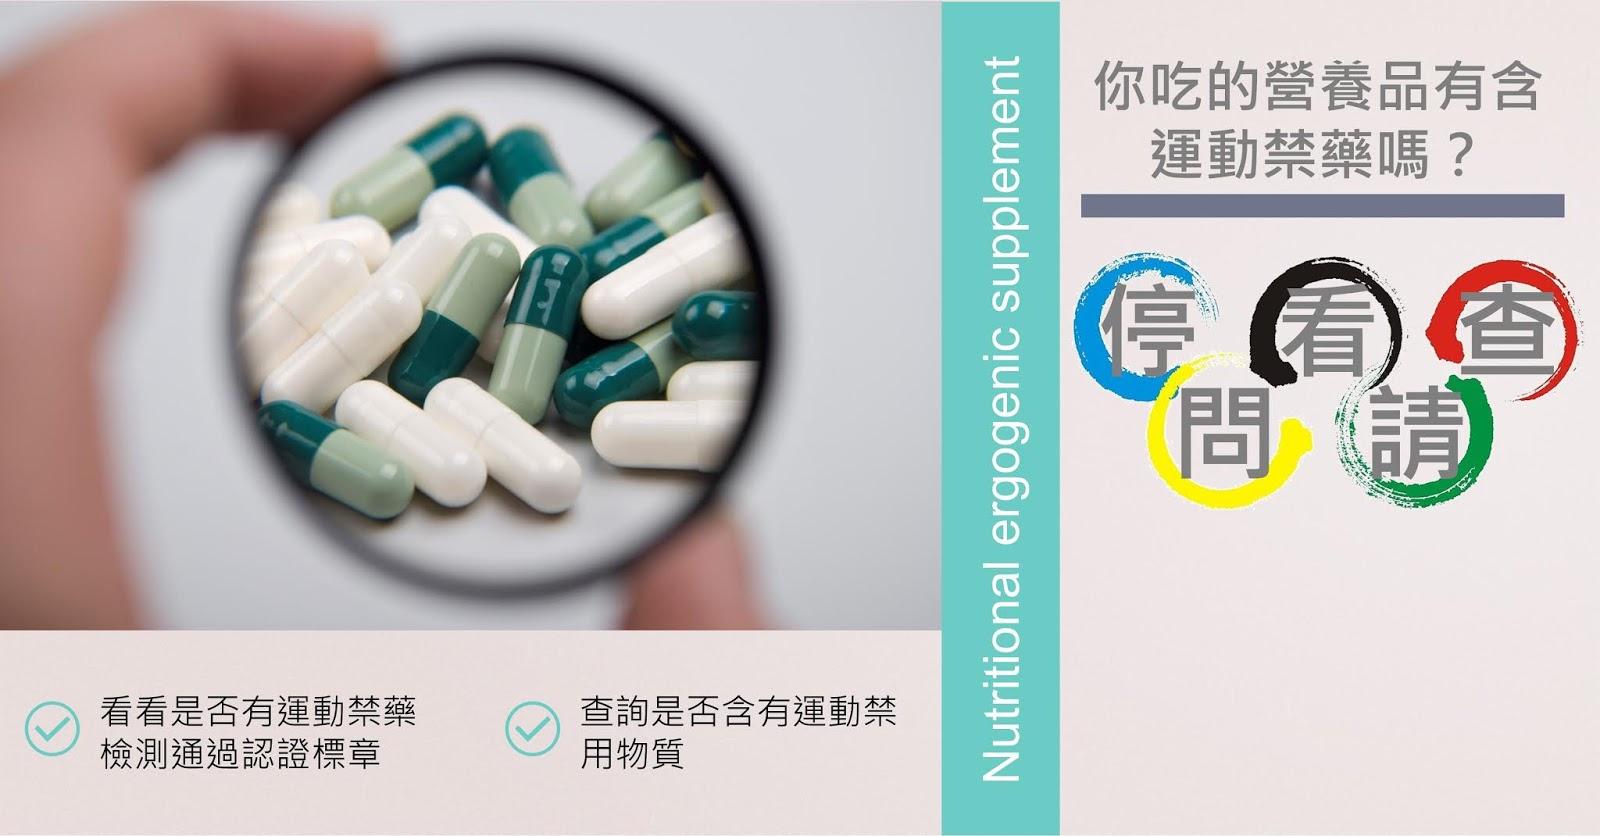 曾怡鈞 運動營養師: 如何查詢自己吃的營養品是否含有運動禁藥?